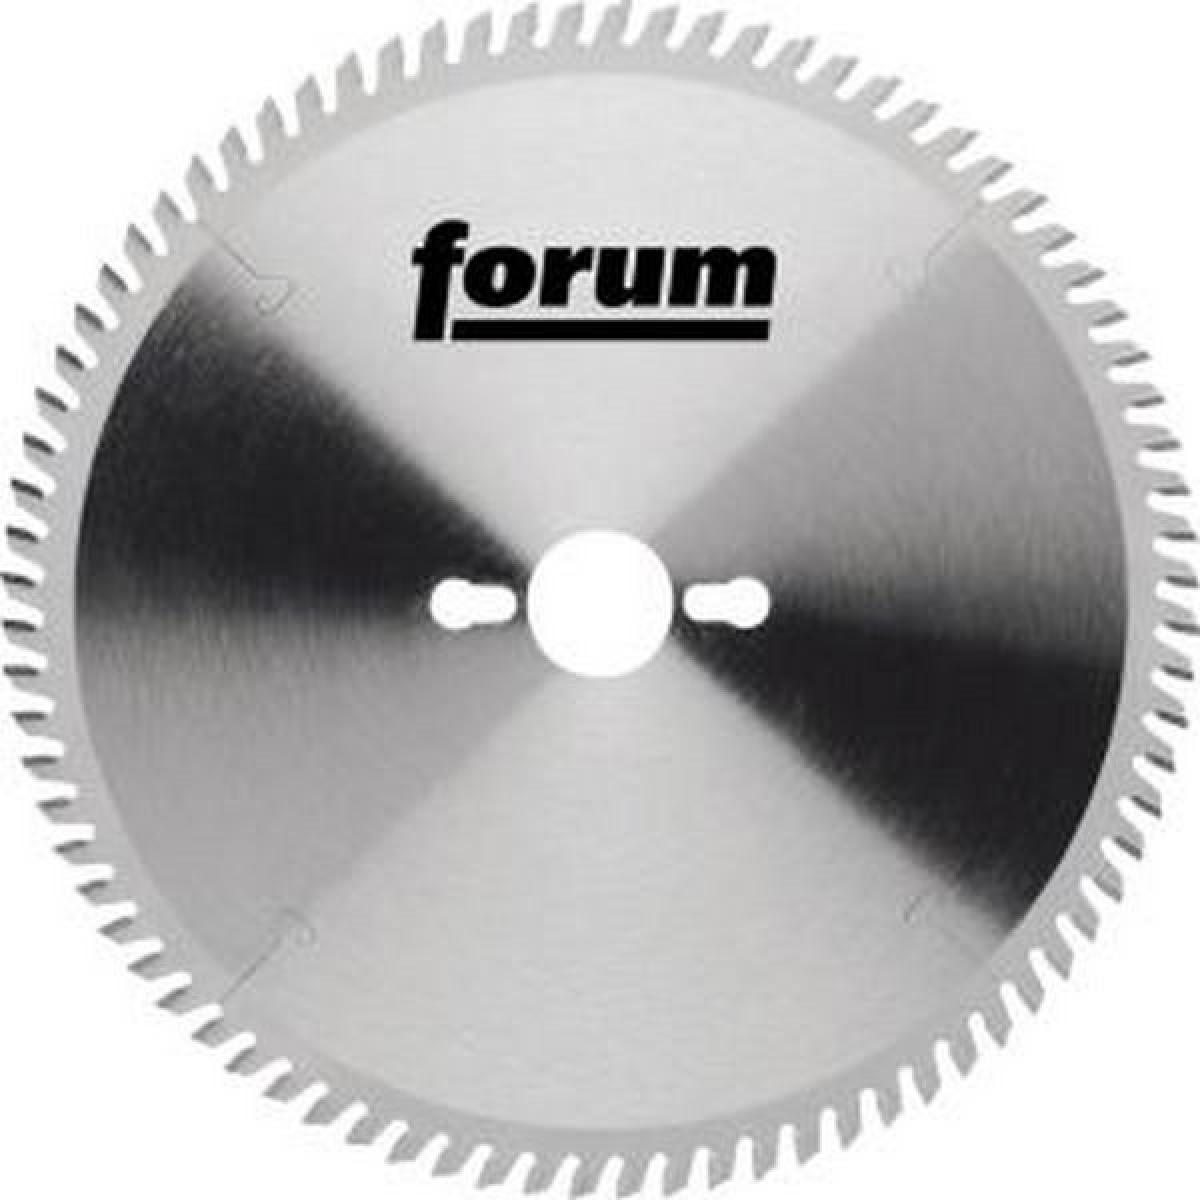 Forum Lame de scie circulaire, Ø : 210 mm, Larg. : 2,8 mm, Alésage 30 mm, Perçages secondaires : 2/7/42, Dents : 48